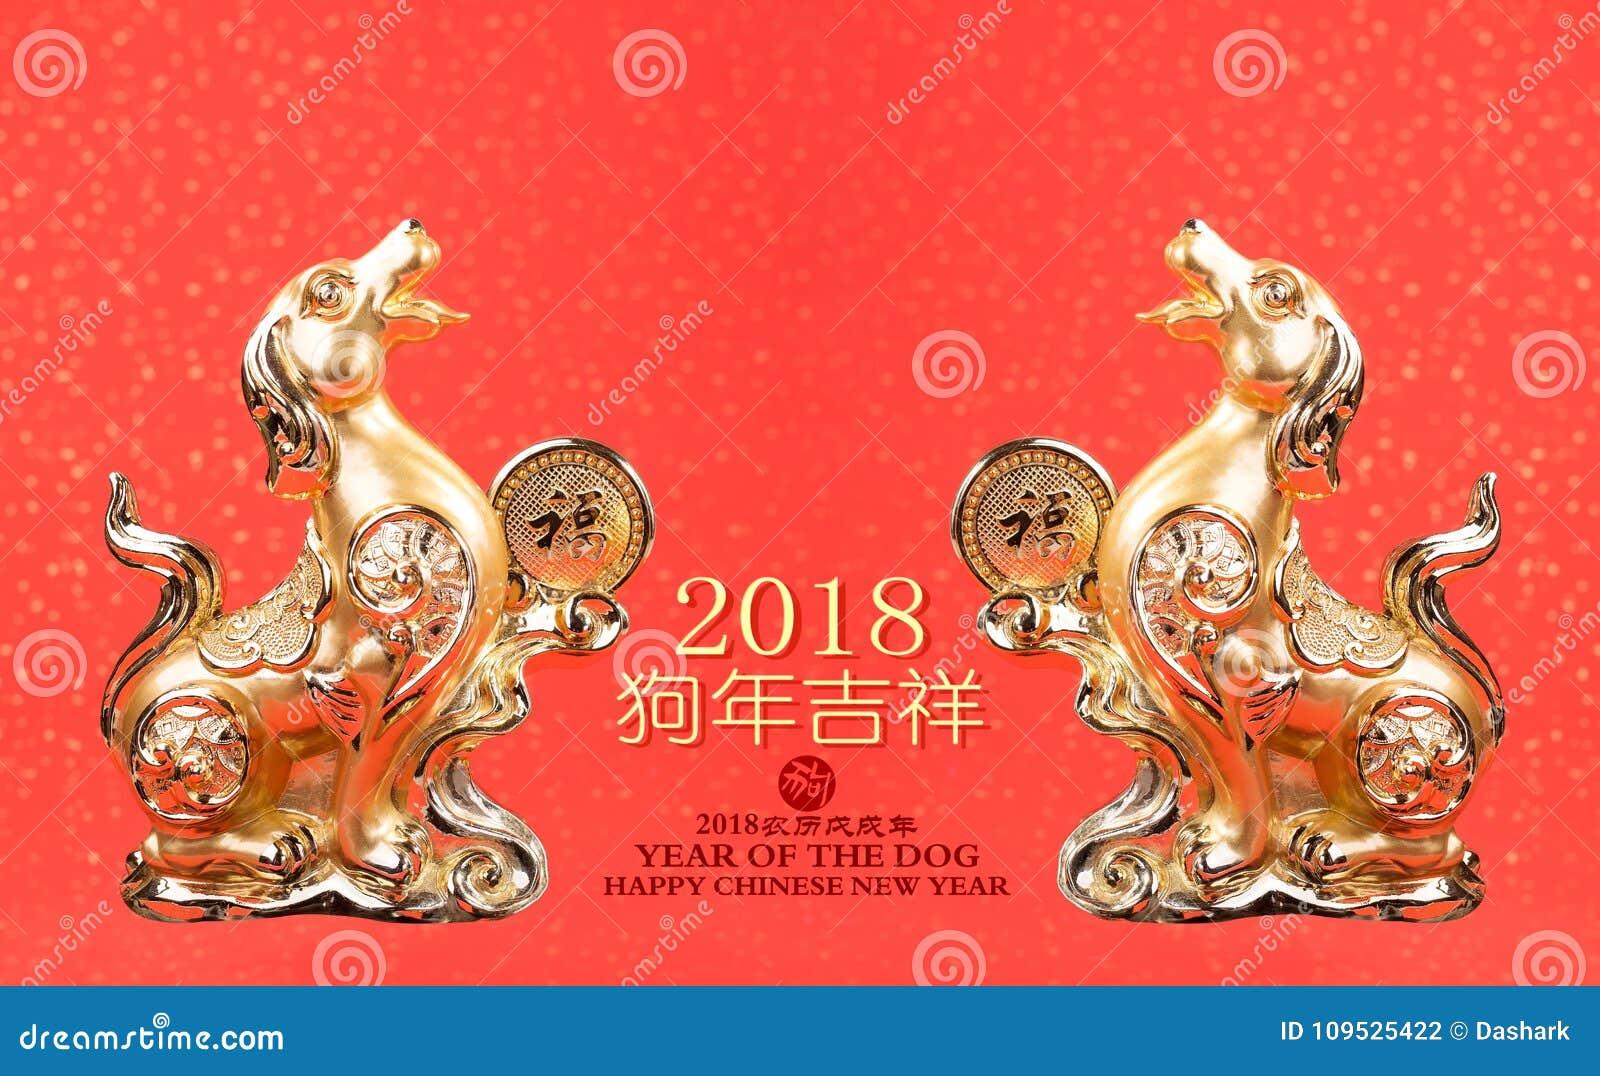 Chinesische Dekoration Des Neuen Jahres: Goldene Hundestatue ...